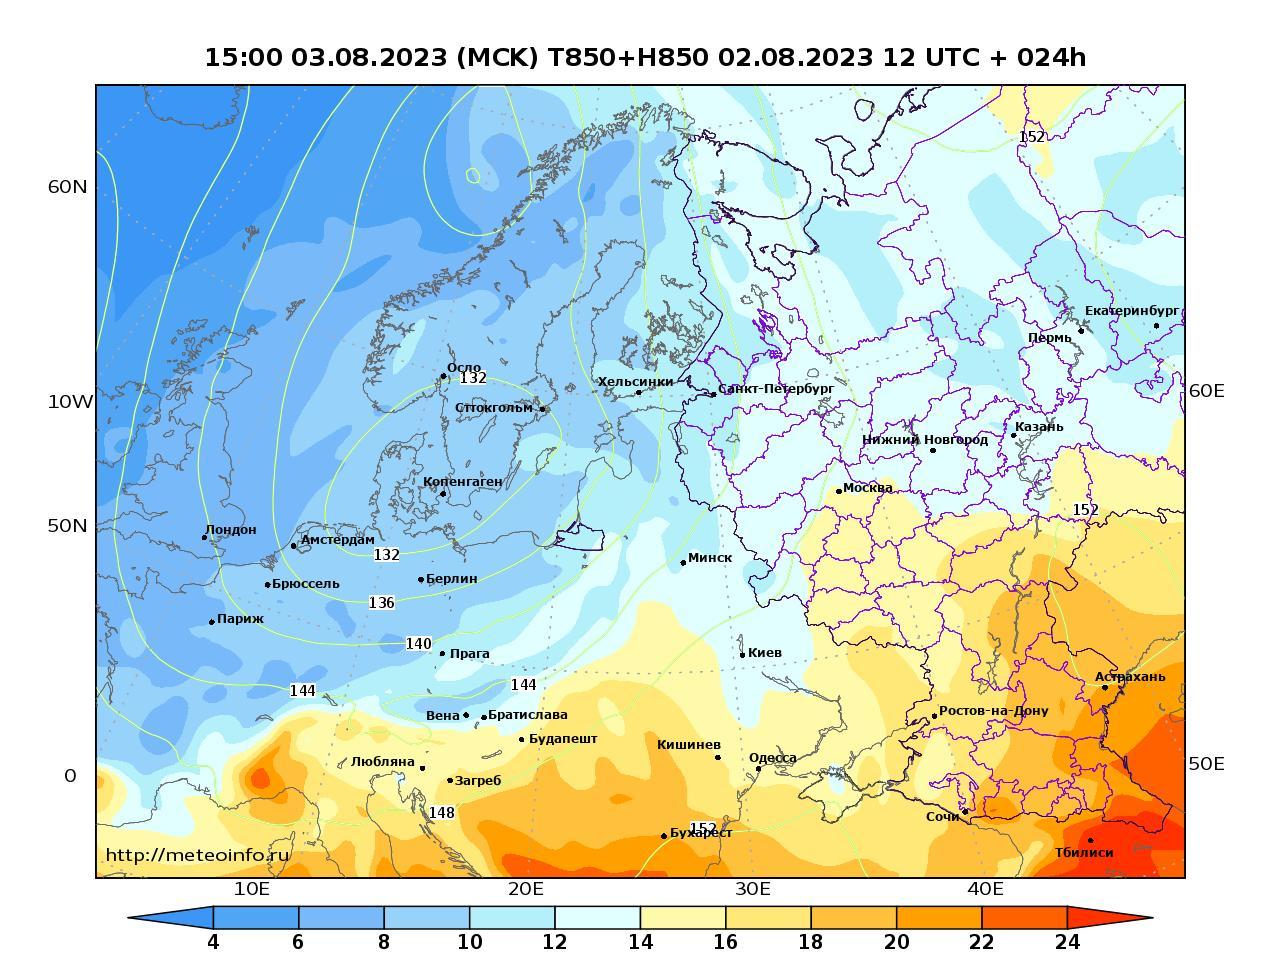 Европейская территория России, прогностическая карта температура T850 и геопотенциал H850, заблаговременность прогноза 24 часа